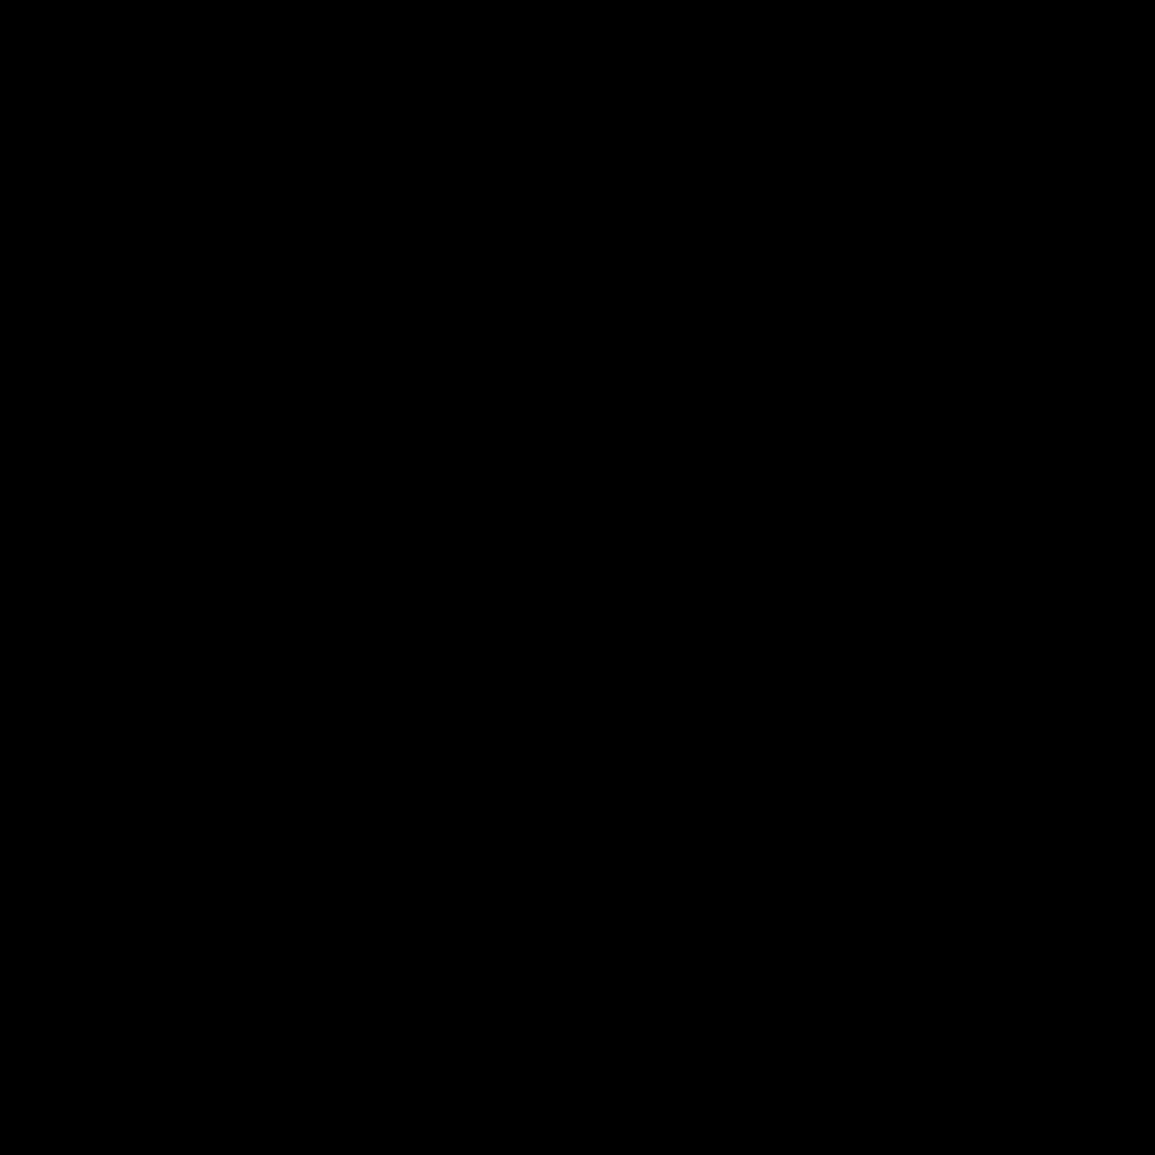 ゴカール B(かな) BGC 字形見本